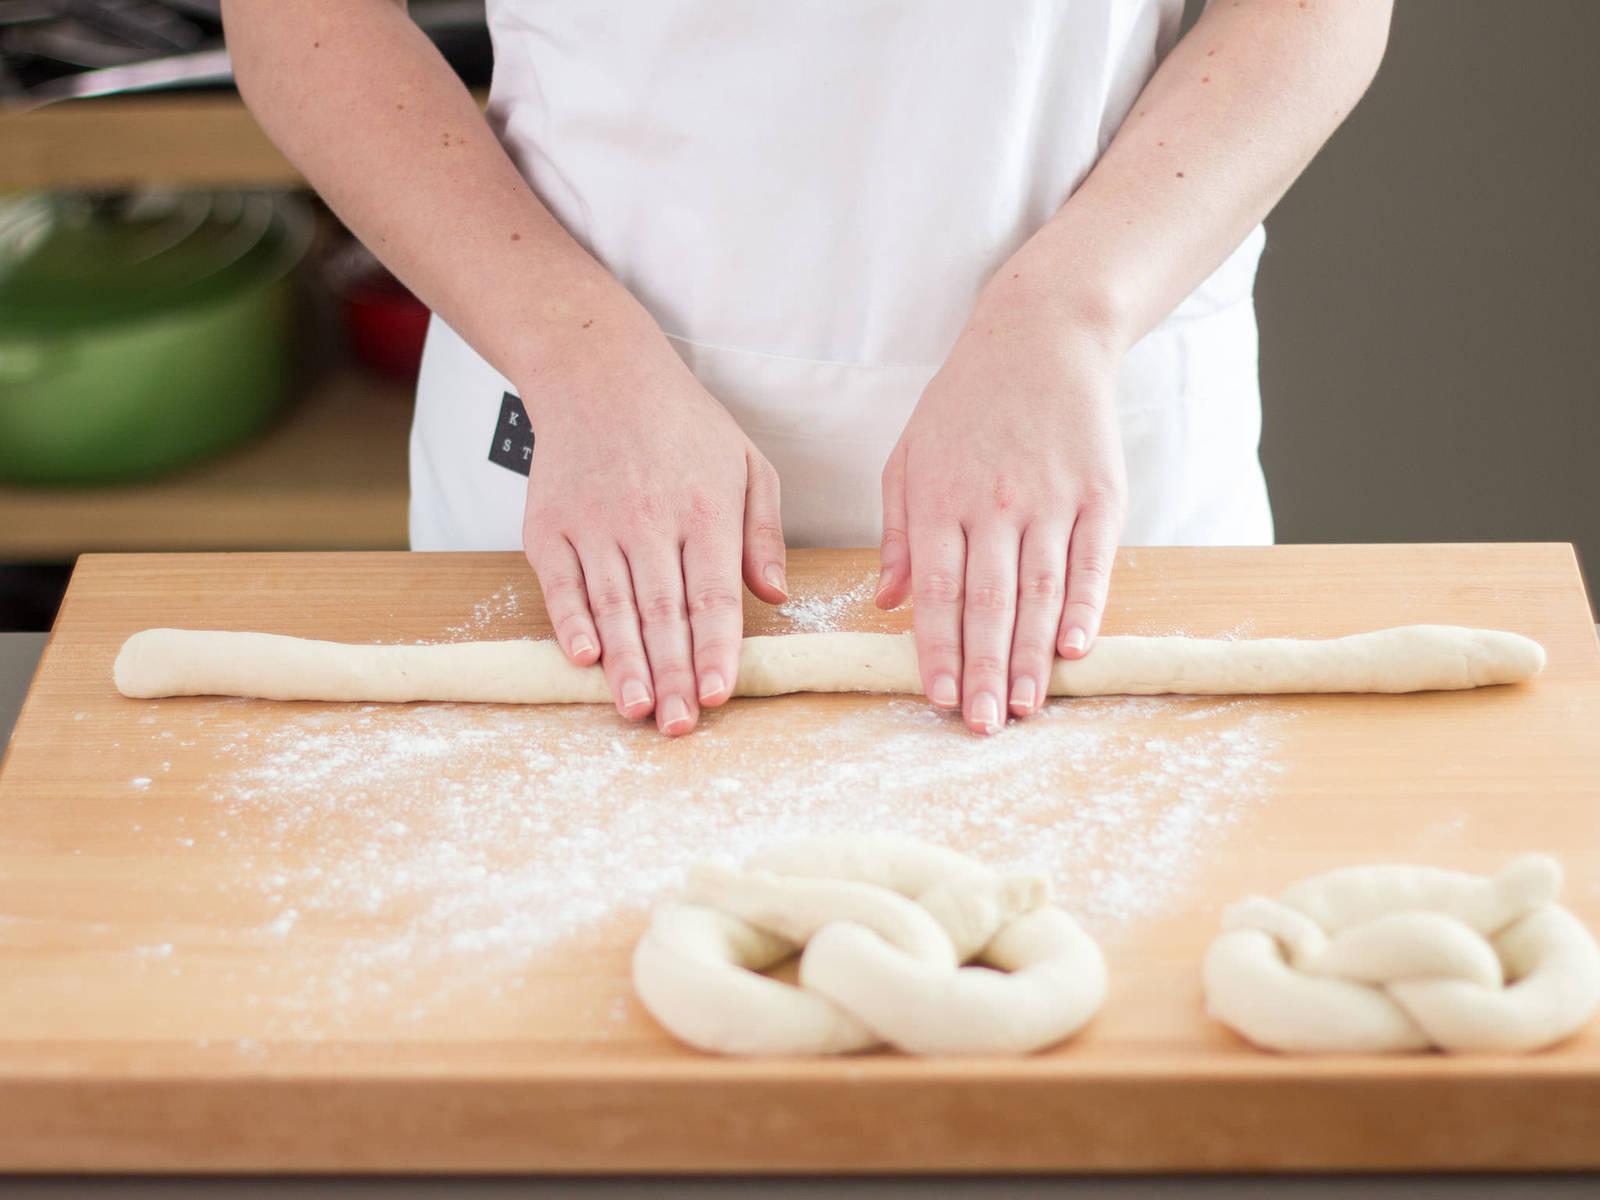 将烤箱预热至200摄氏度。向工作台上撒少许面粉,然后再次揉面团,并将面团均分成10份。将每个小面团揉成中间稍厚的长条状,再盘成扭结饼状。